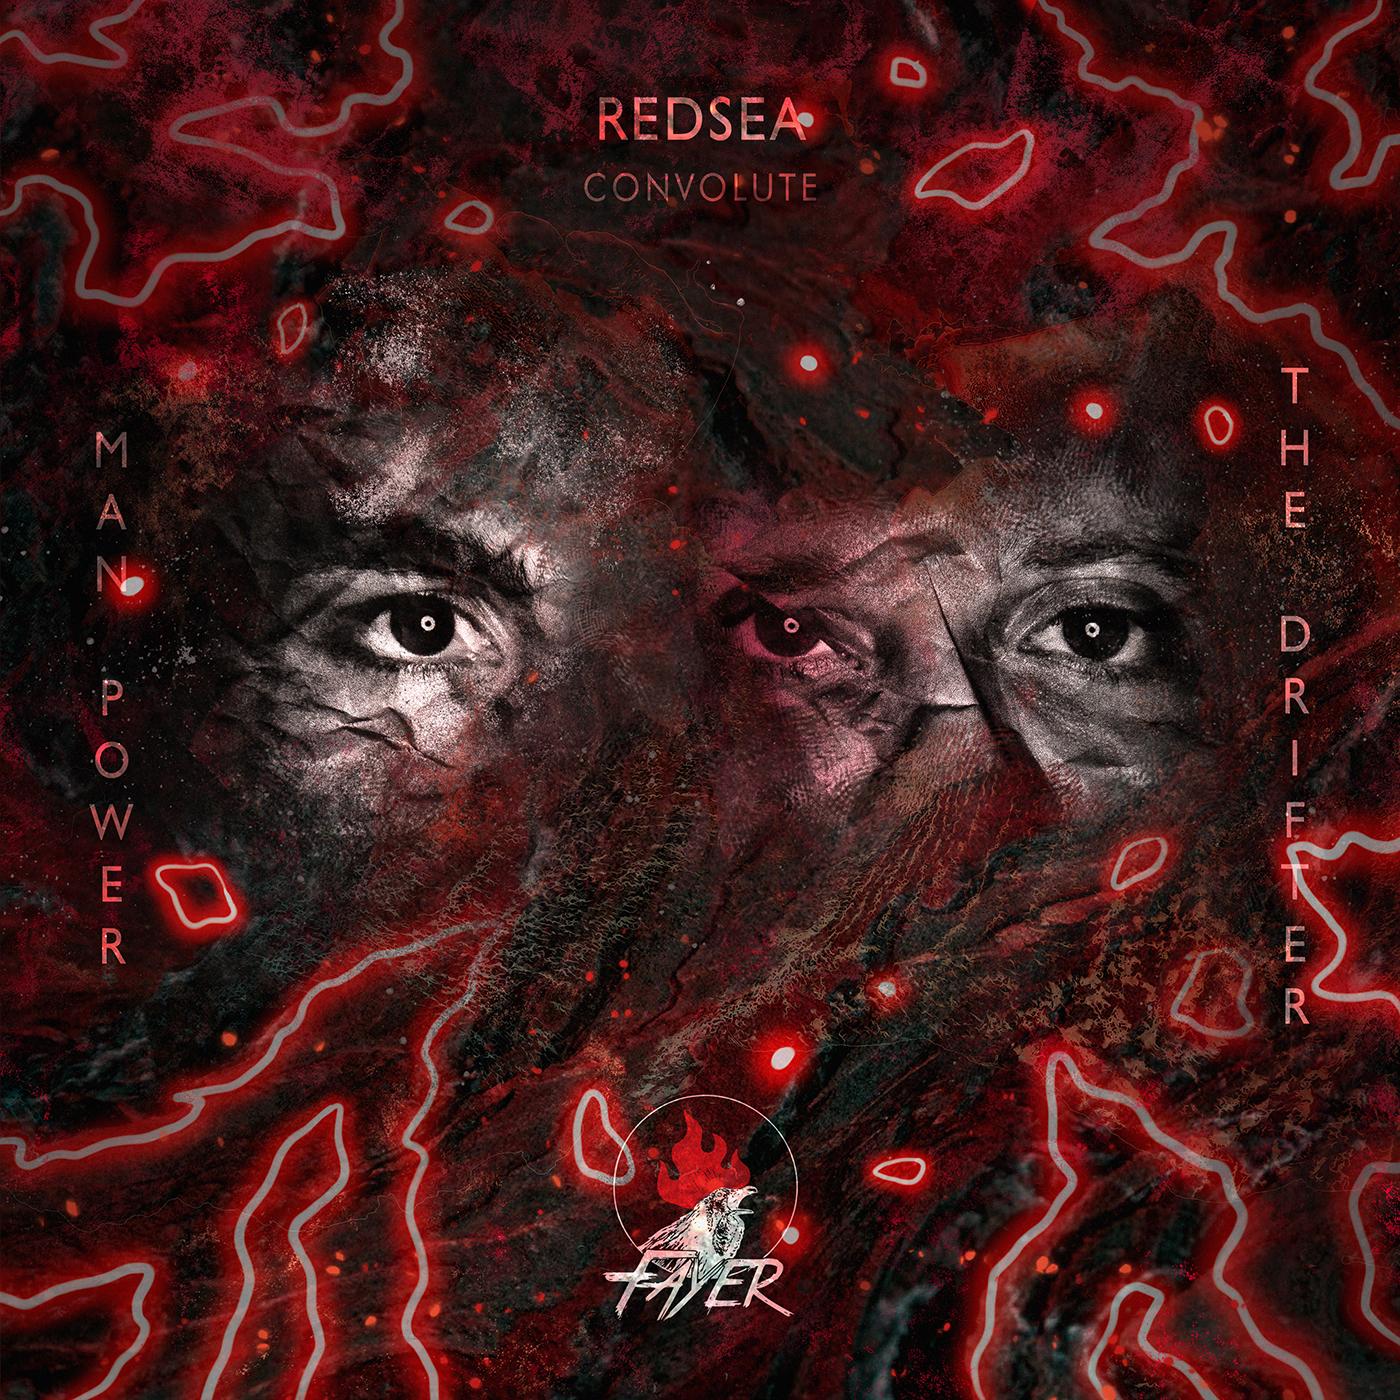 redsea_convolute_2